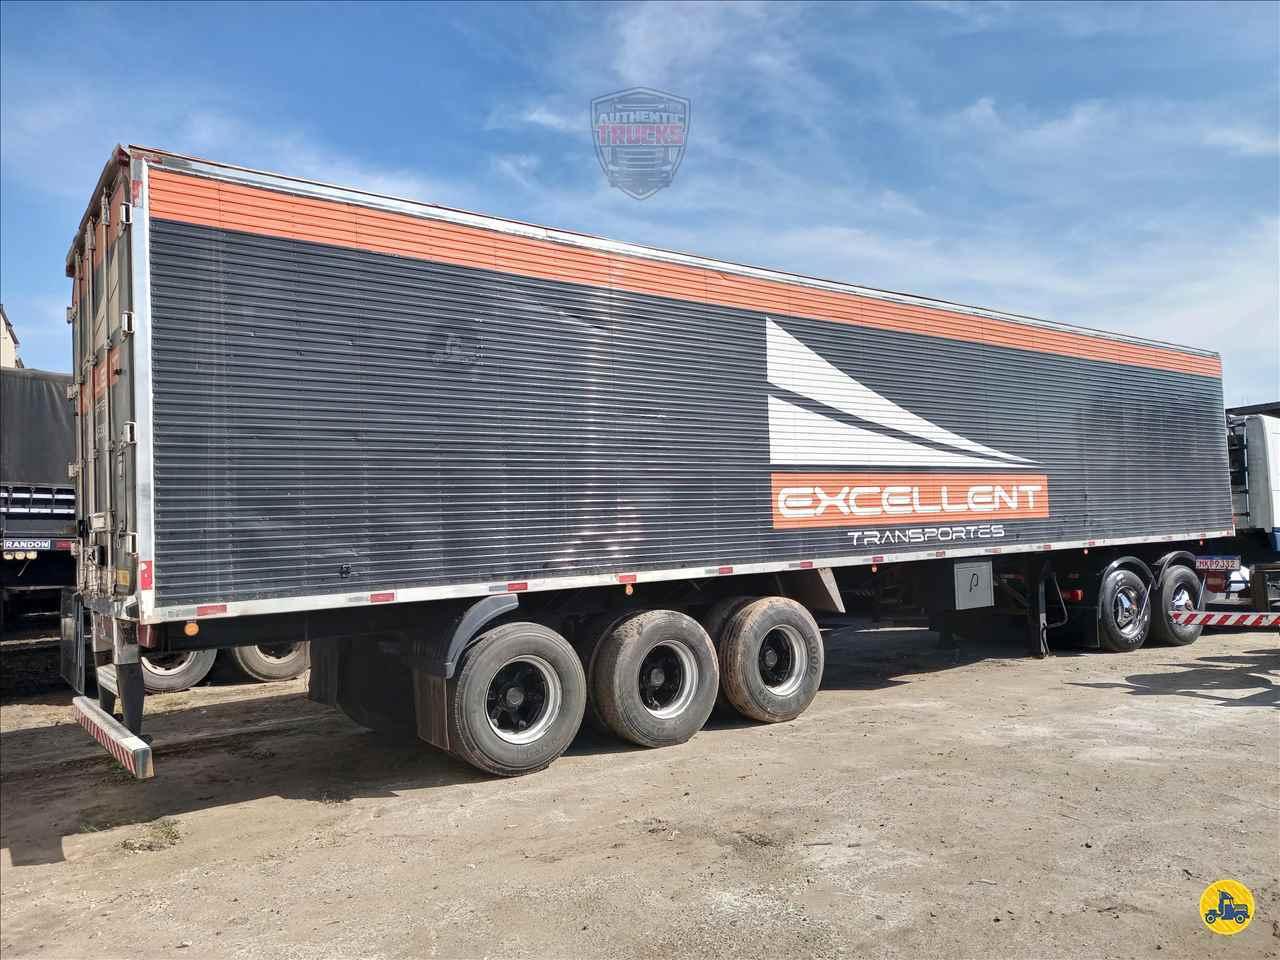 CARRETA SEMI-REBOQUE FRIGORIFICO Authentic Trucks SAO PAULO SÃO PAULO SP